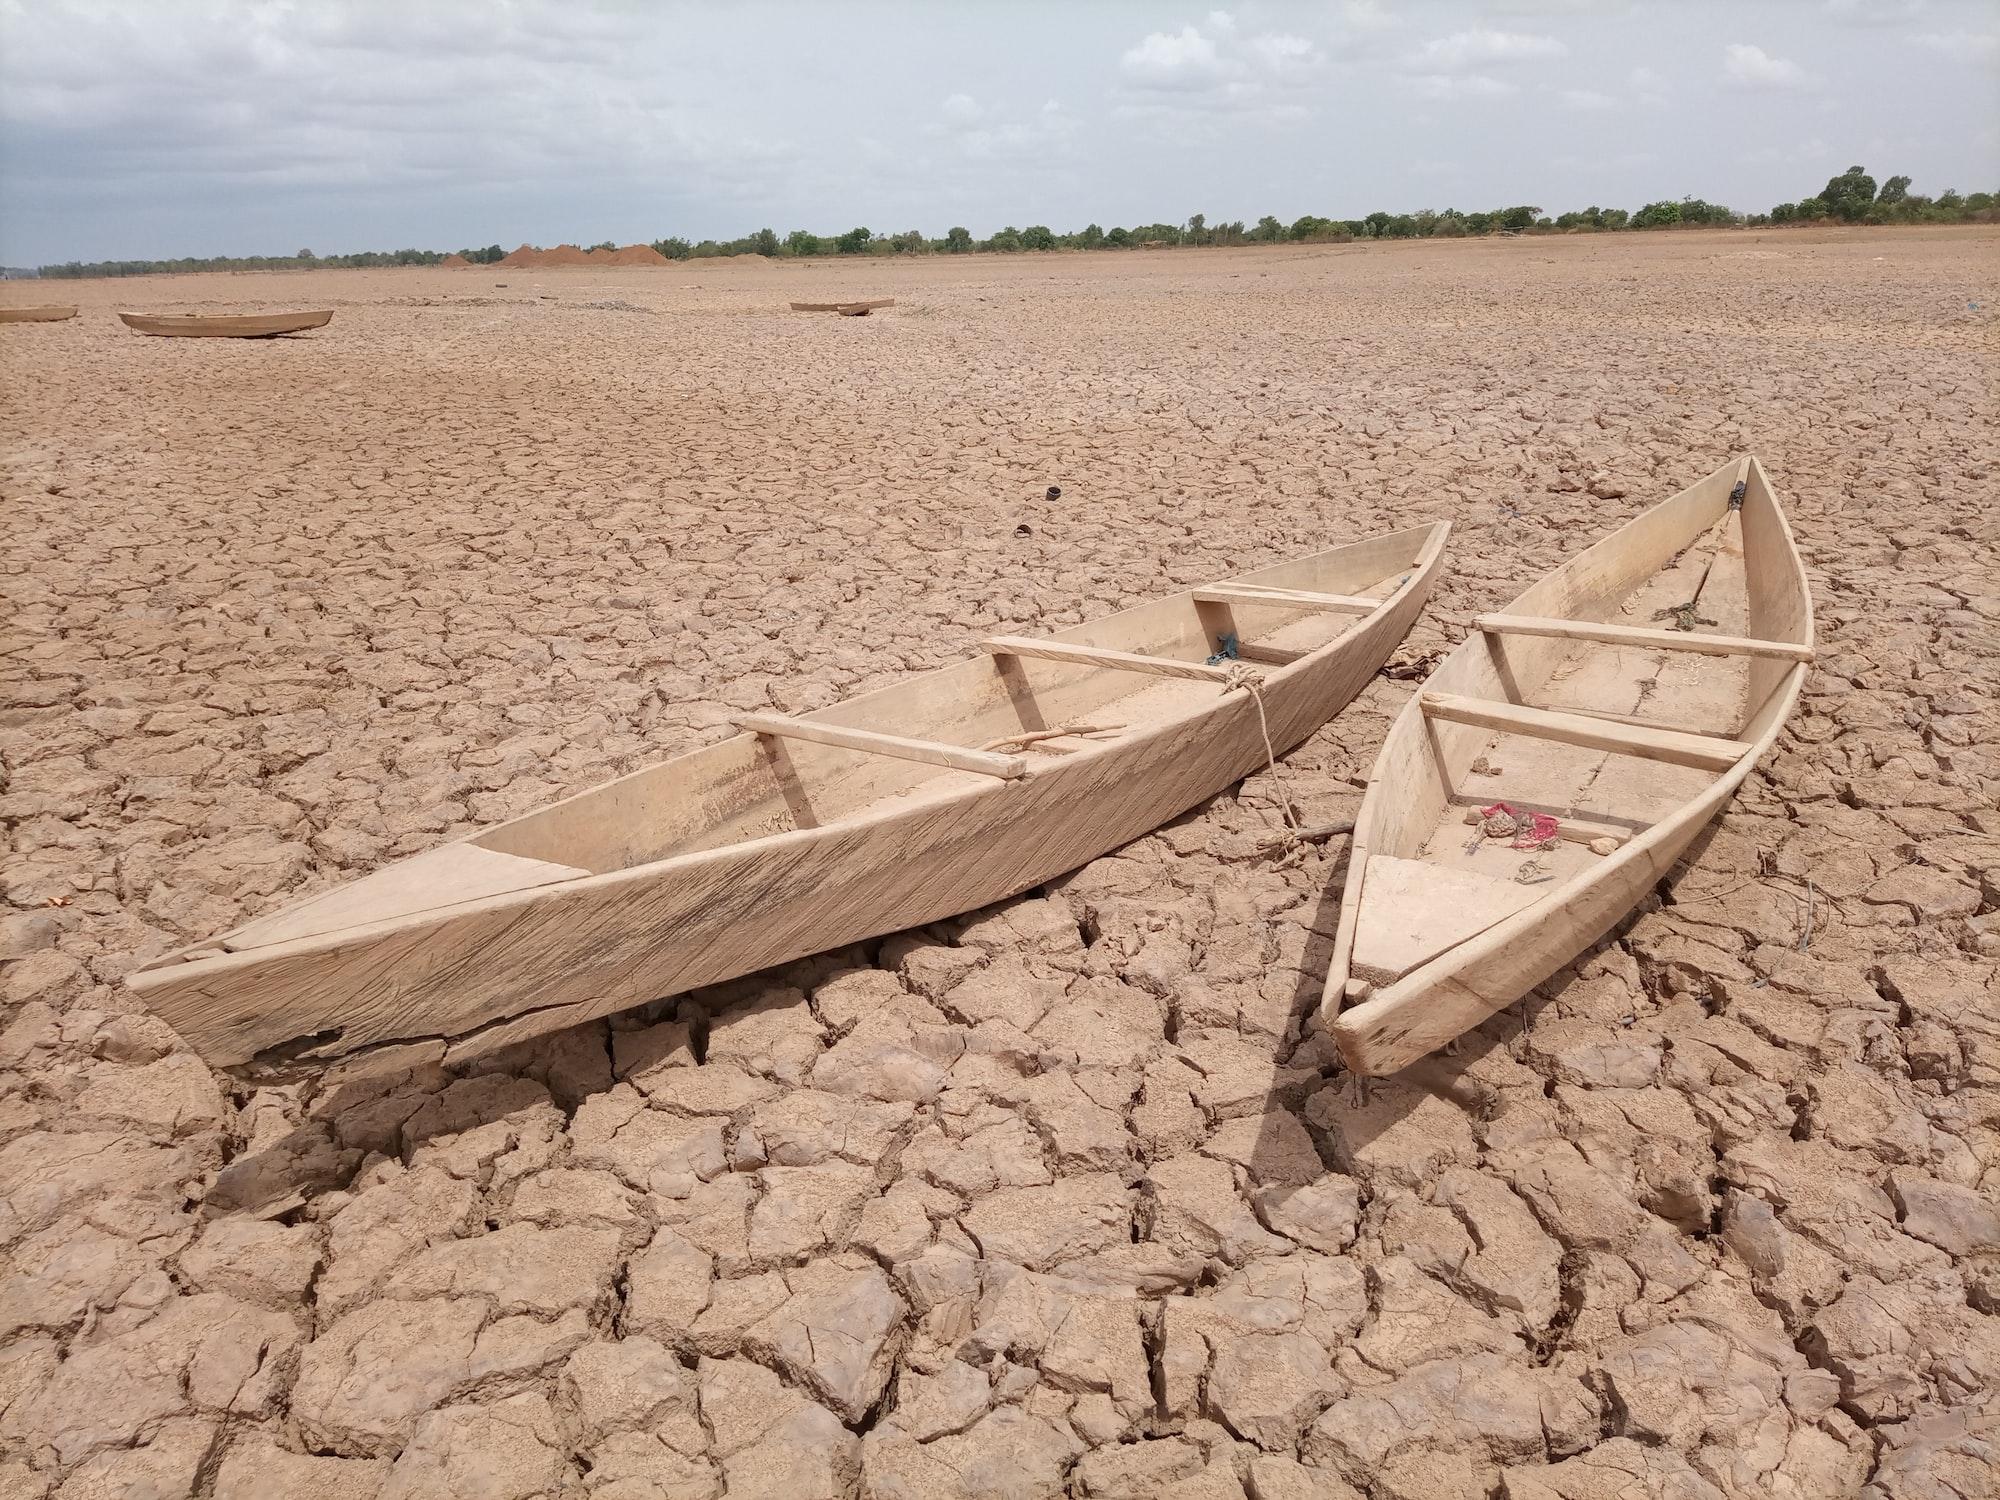 जलवायु संकट यूरोप में ग्रीष्मकालीन सूखे को दोगुना कर सकता है: रिसर्च